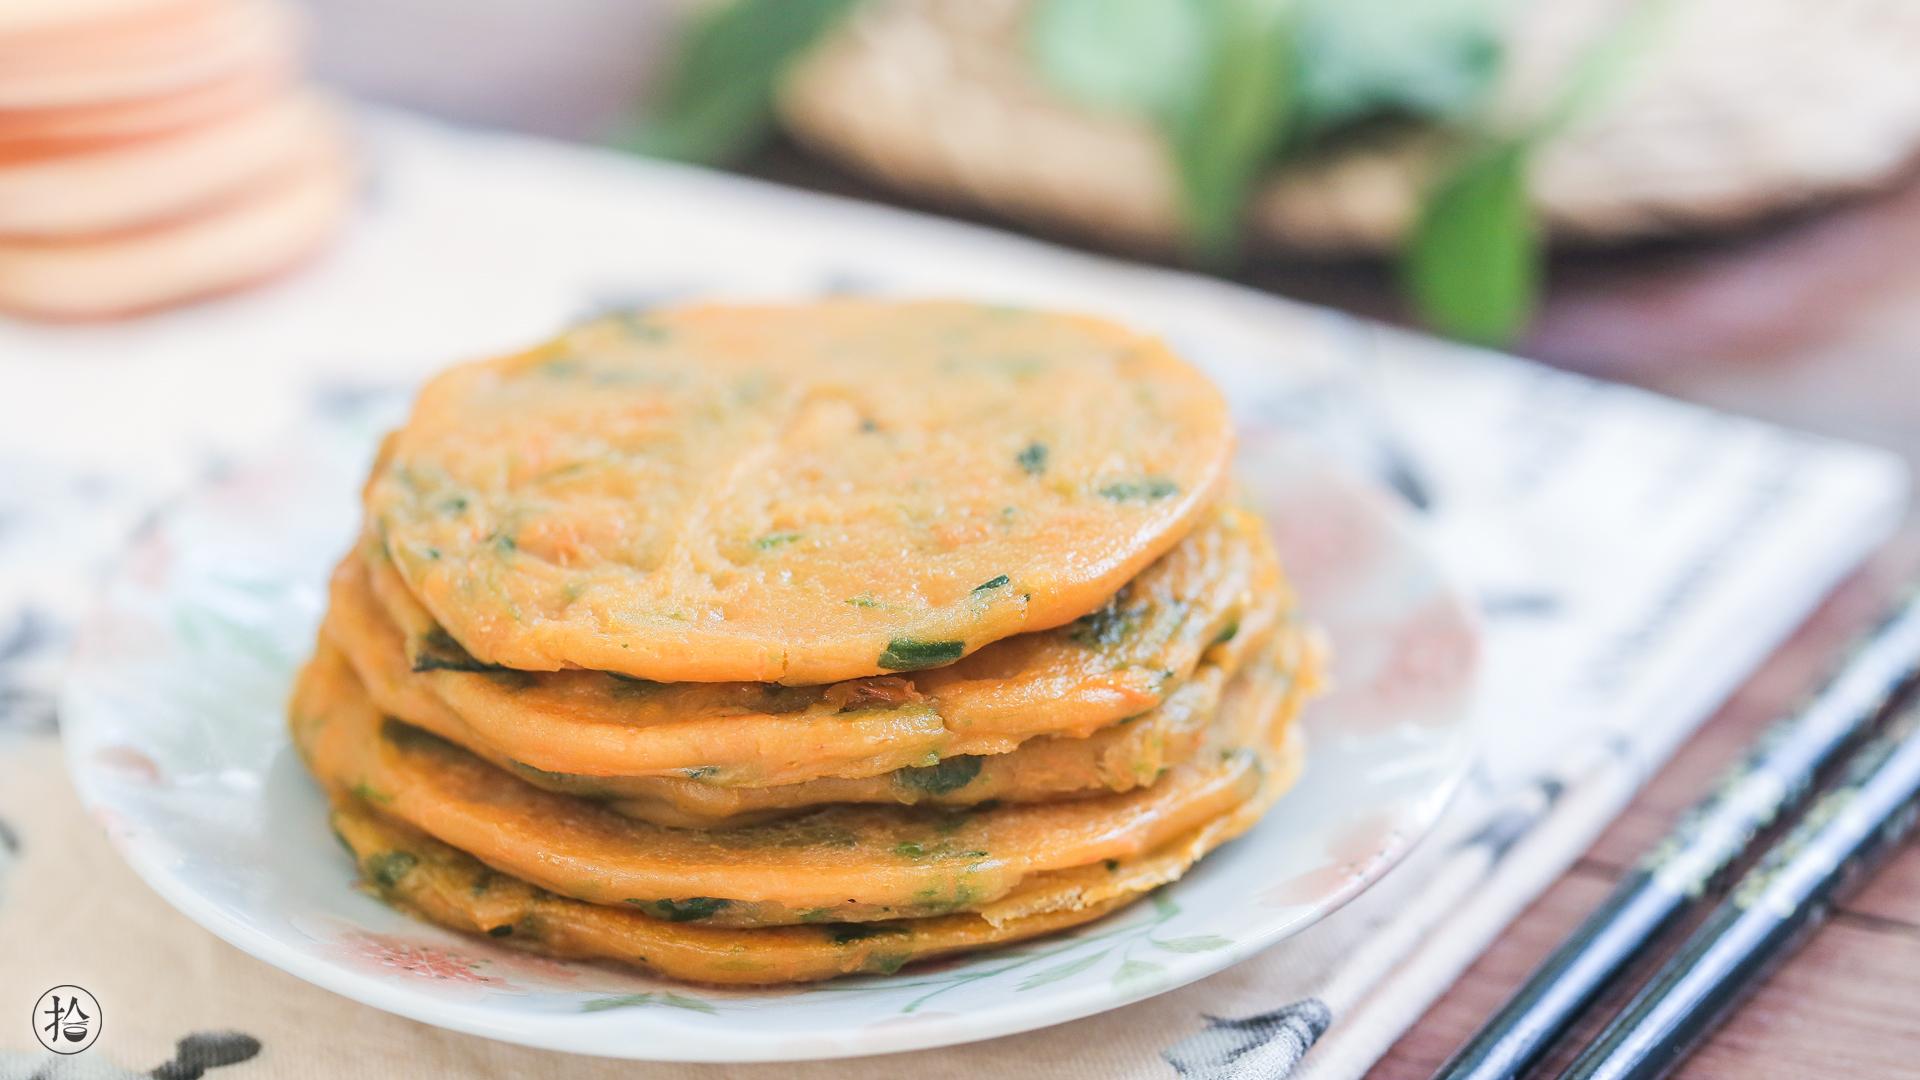 地瓜蔬菜小饼的做法_【图解】地瓜蔬菜小饼怎么做如何